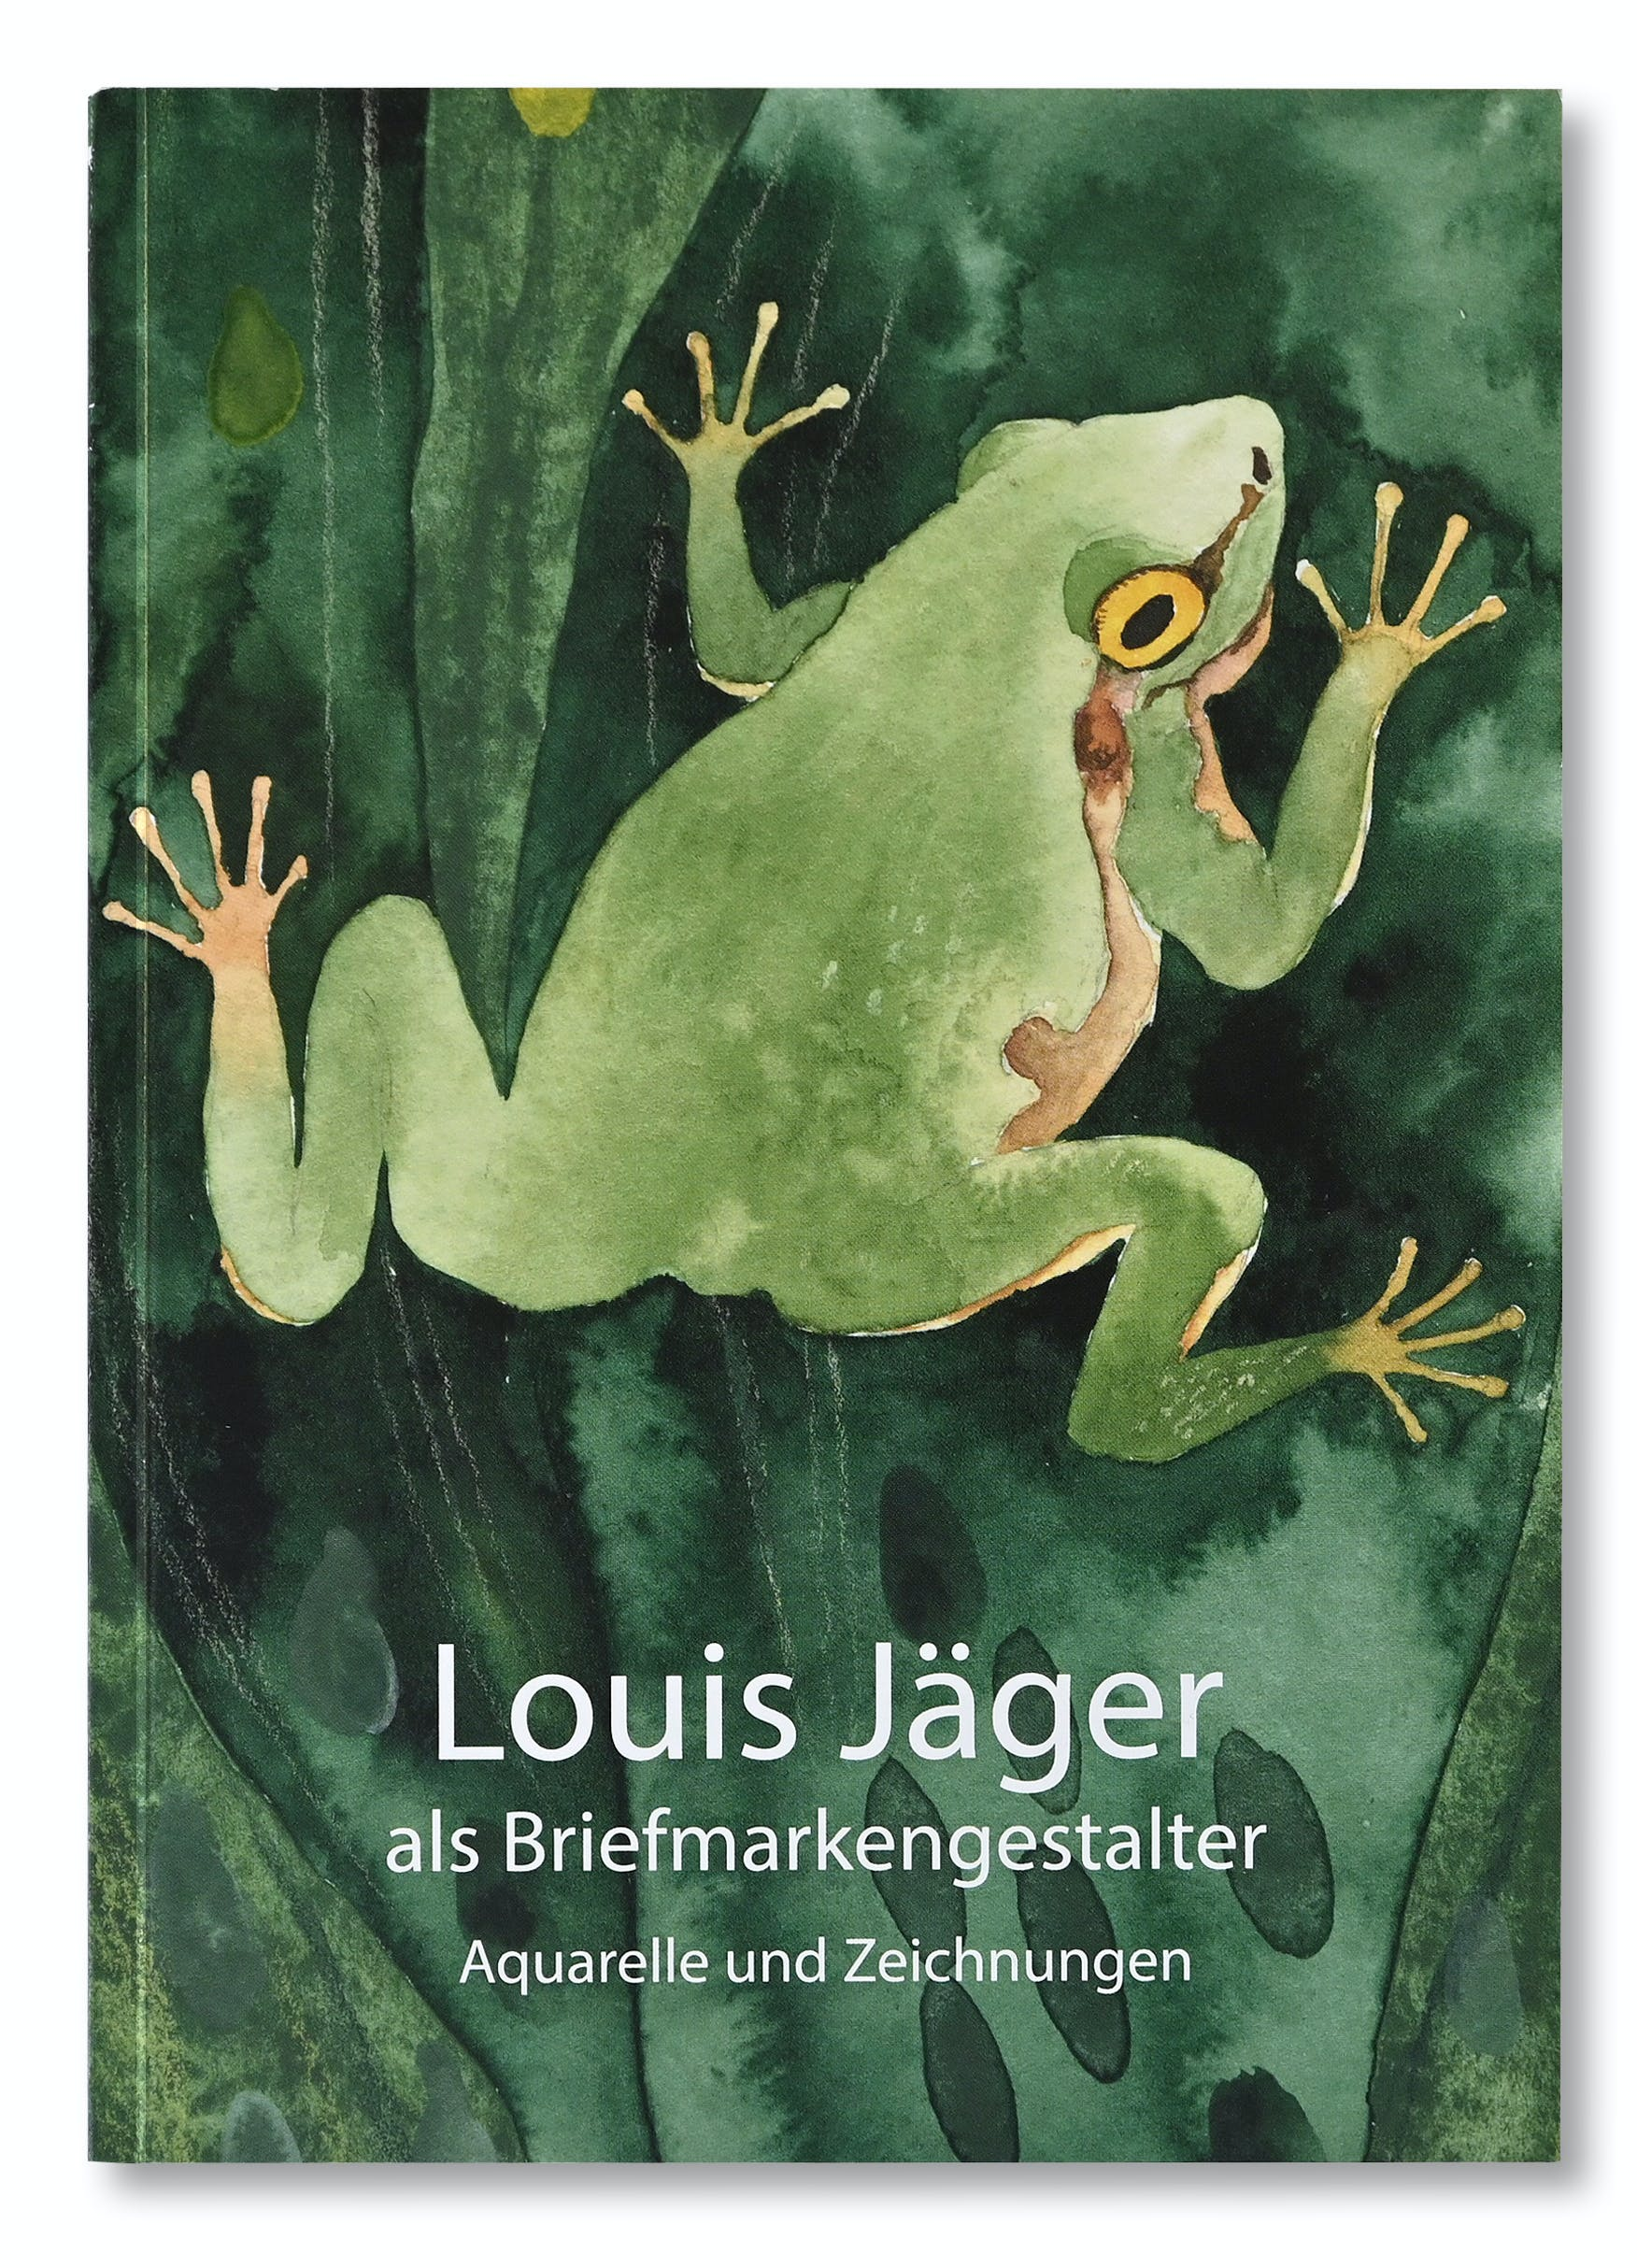 Publikation Louis Jäger als Briefmarkengestalter